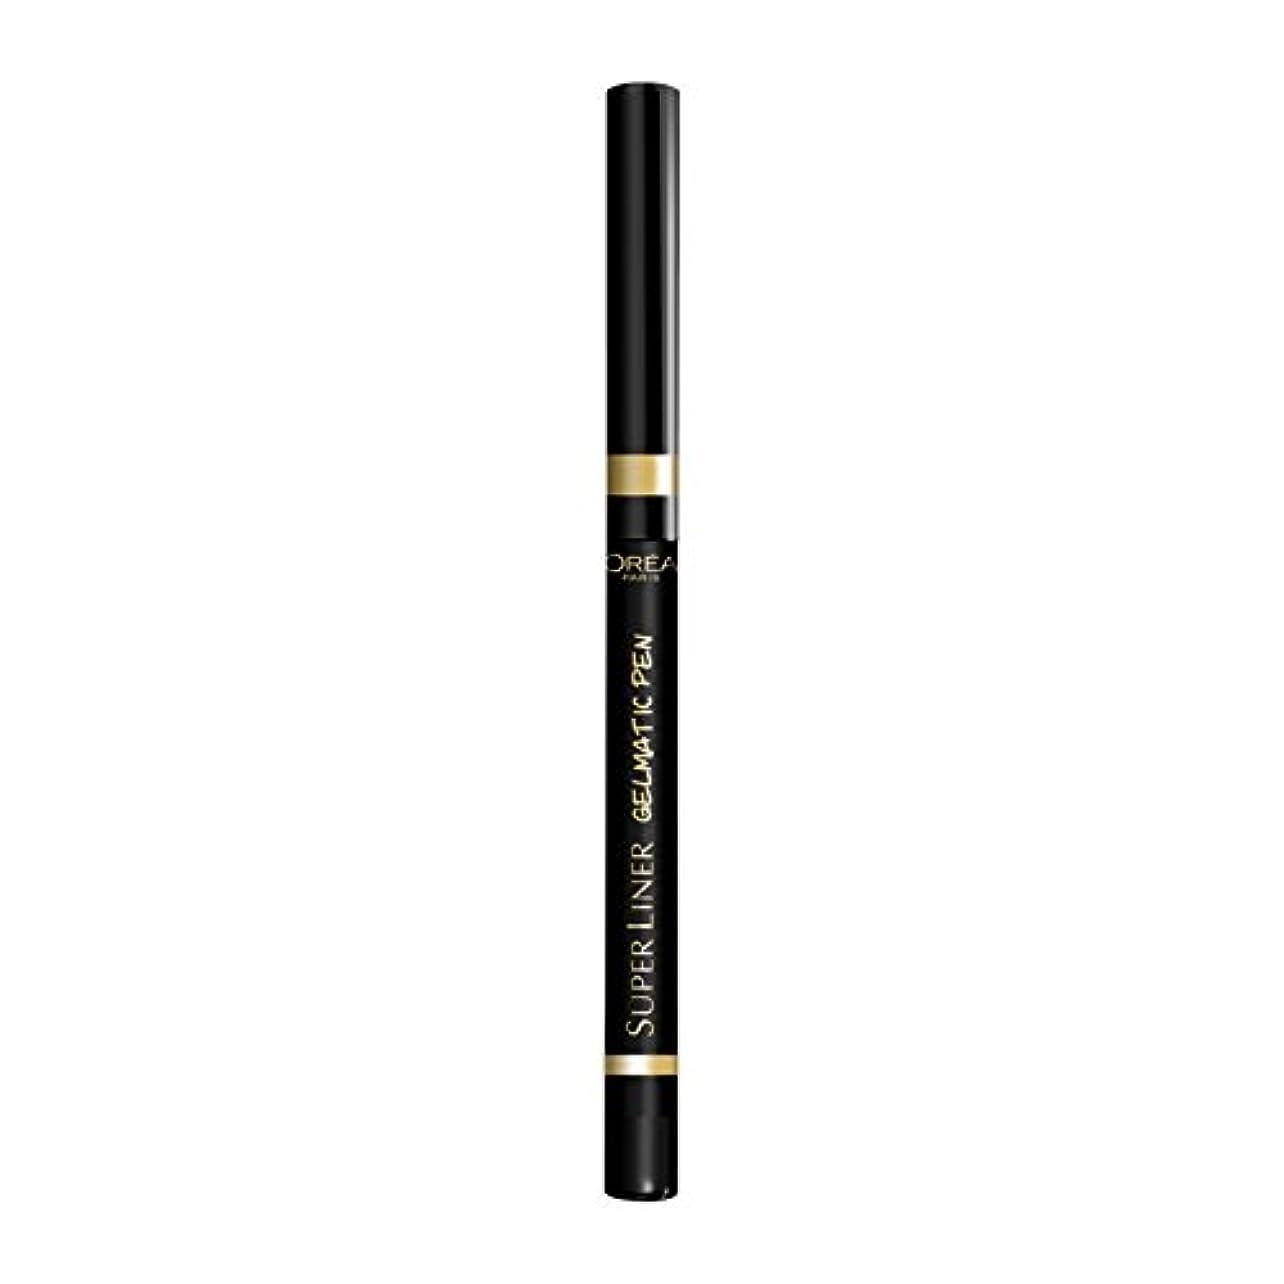 下に見せます課税ロレアル パリ アイライナー スーパーライナー ジェルマティックペン 01 ブラックアイコニック ウォータープルーフ